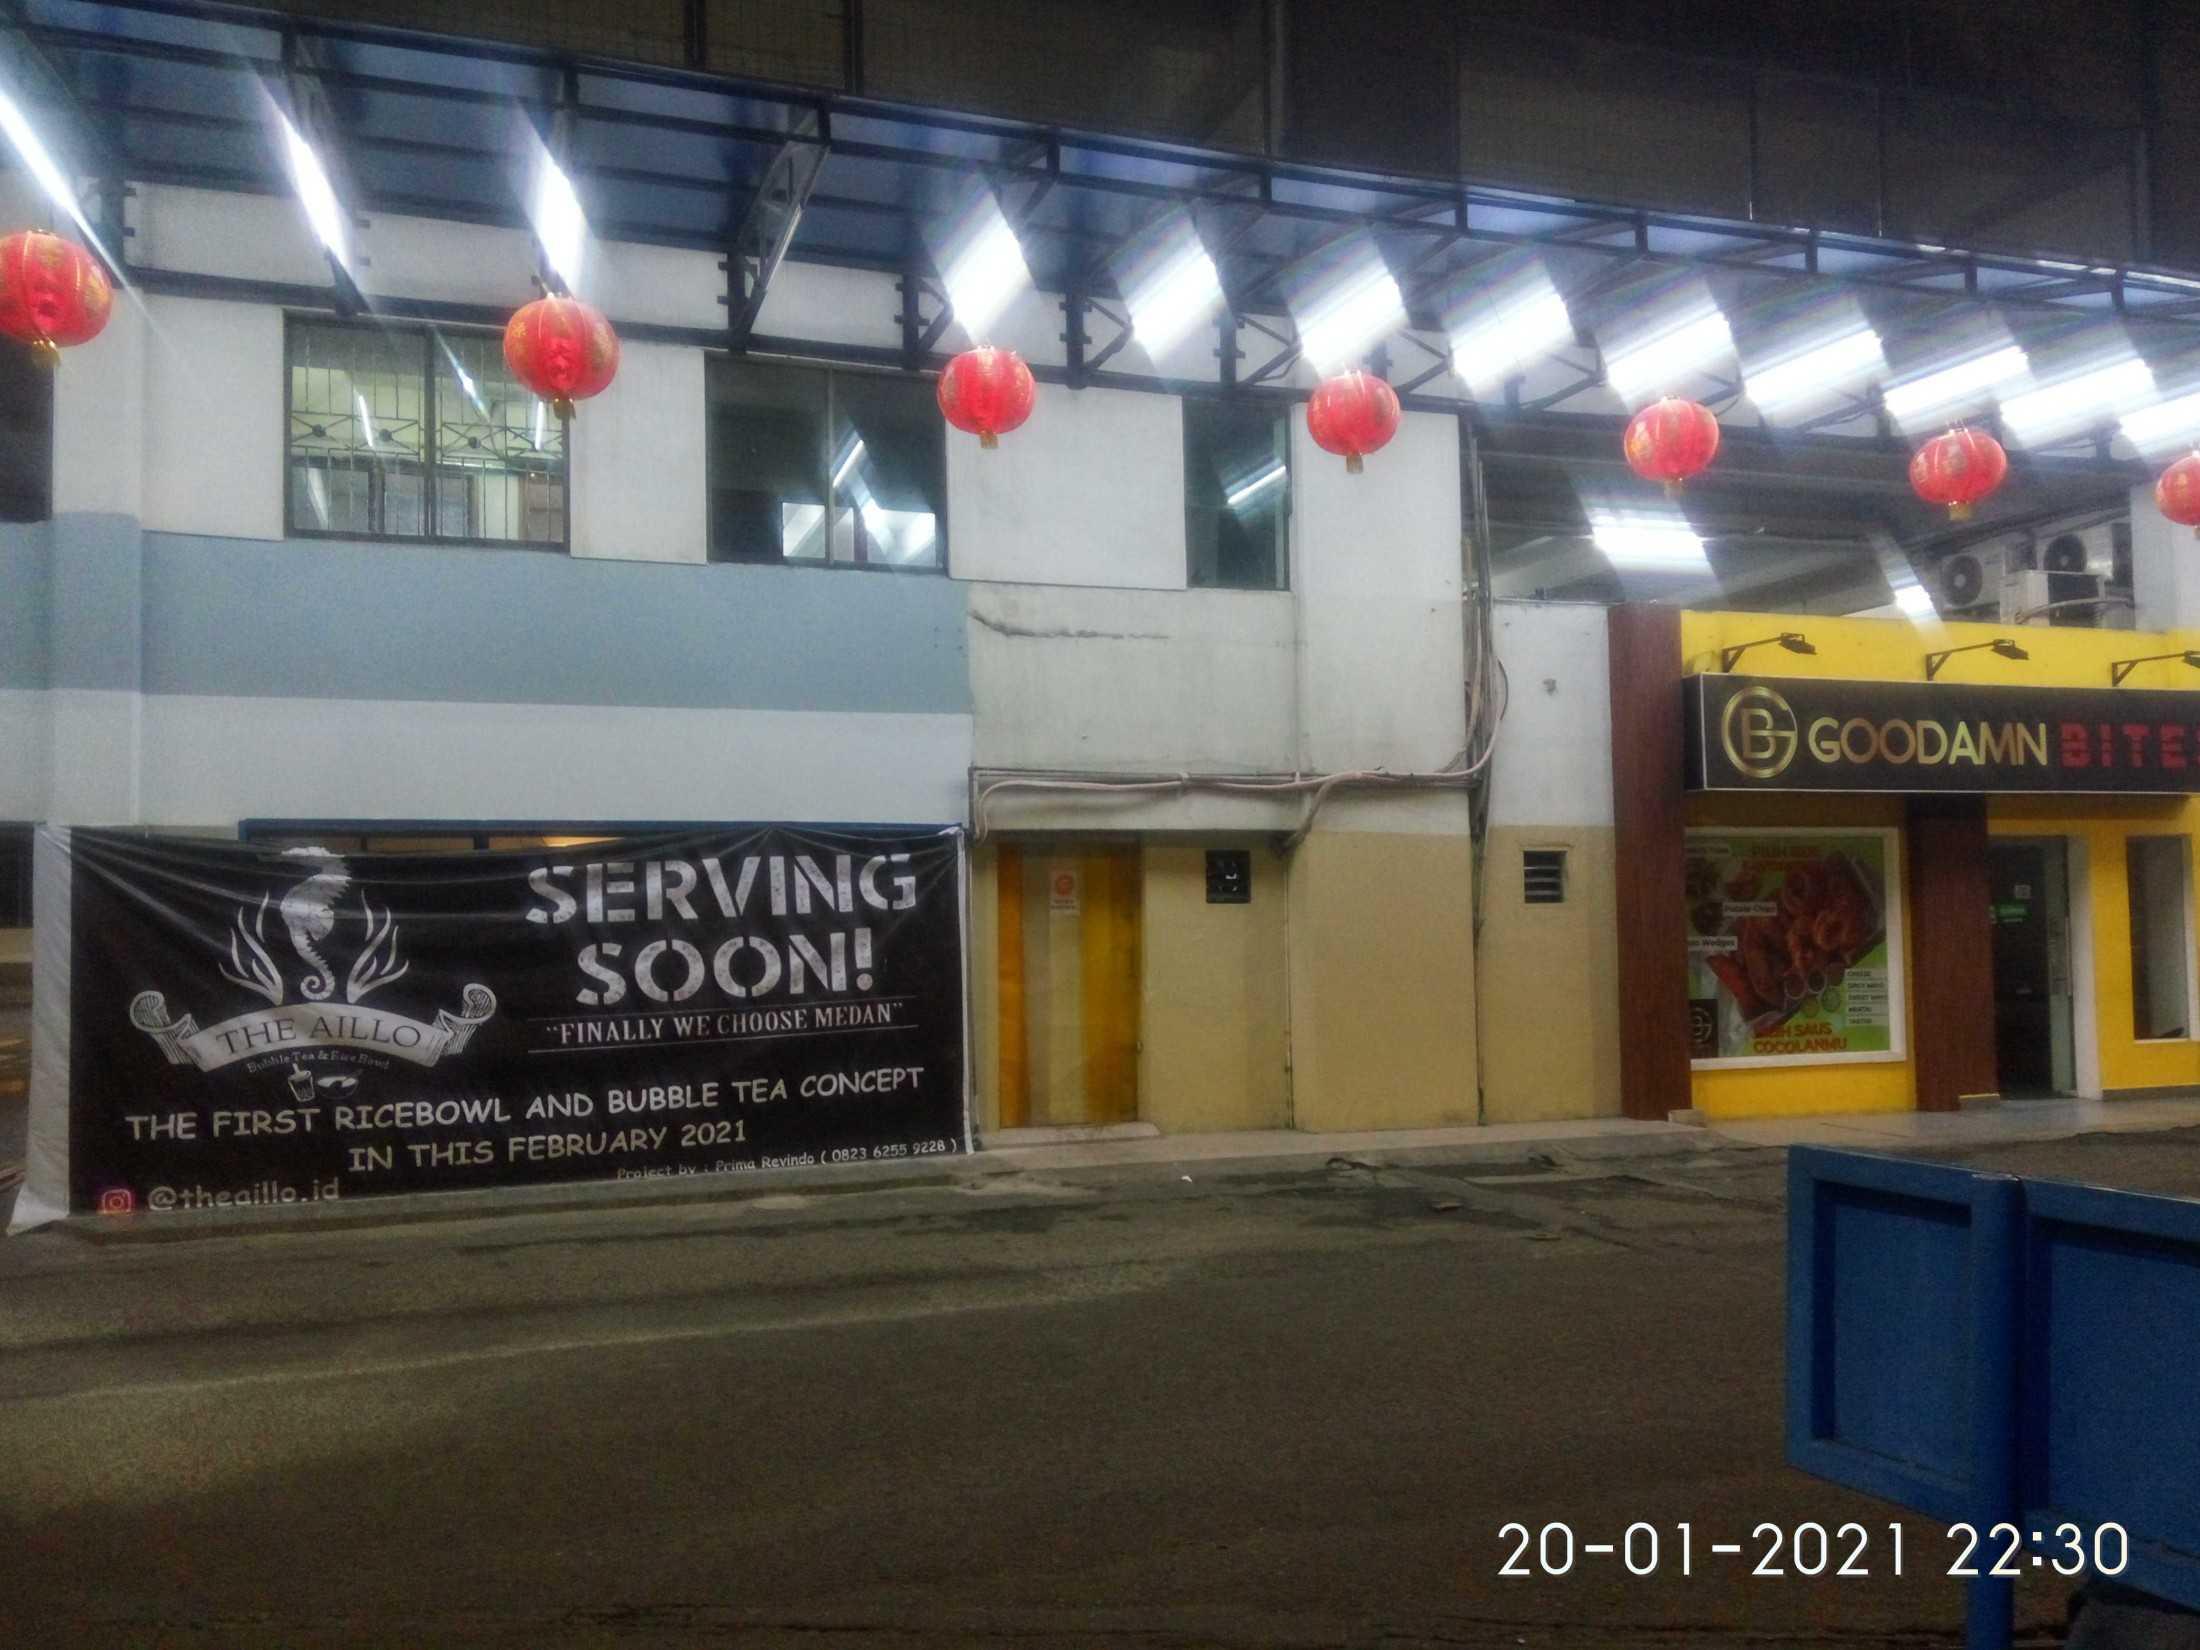 Prima Revindo Aillo Thamrin Medan, Kota Medan, Sumatera Utara, Indonesia Medan, Kota Medan, Sumatera Utara, Indonesia Prima-Revindo-Aillo-Thamrin  109524